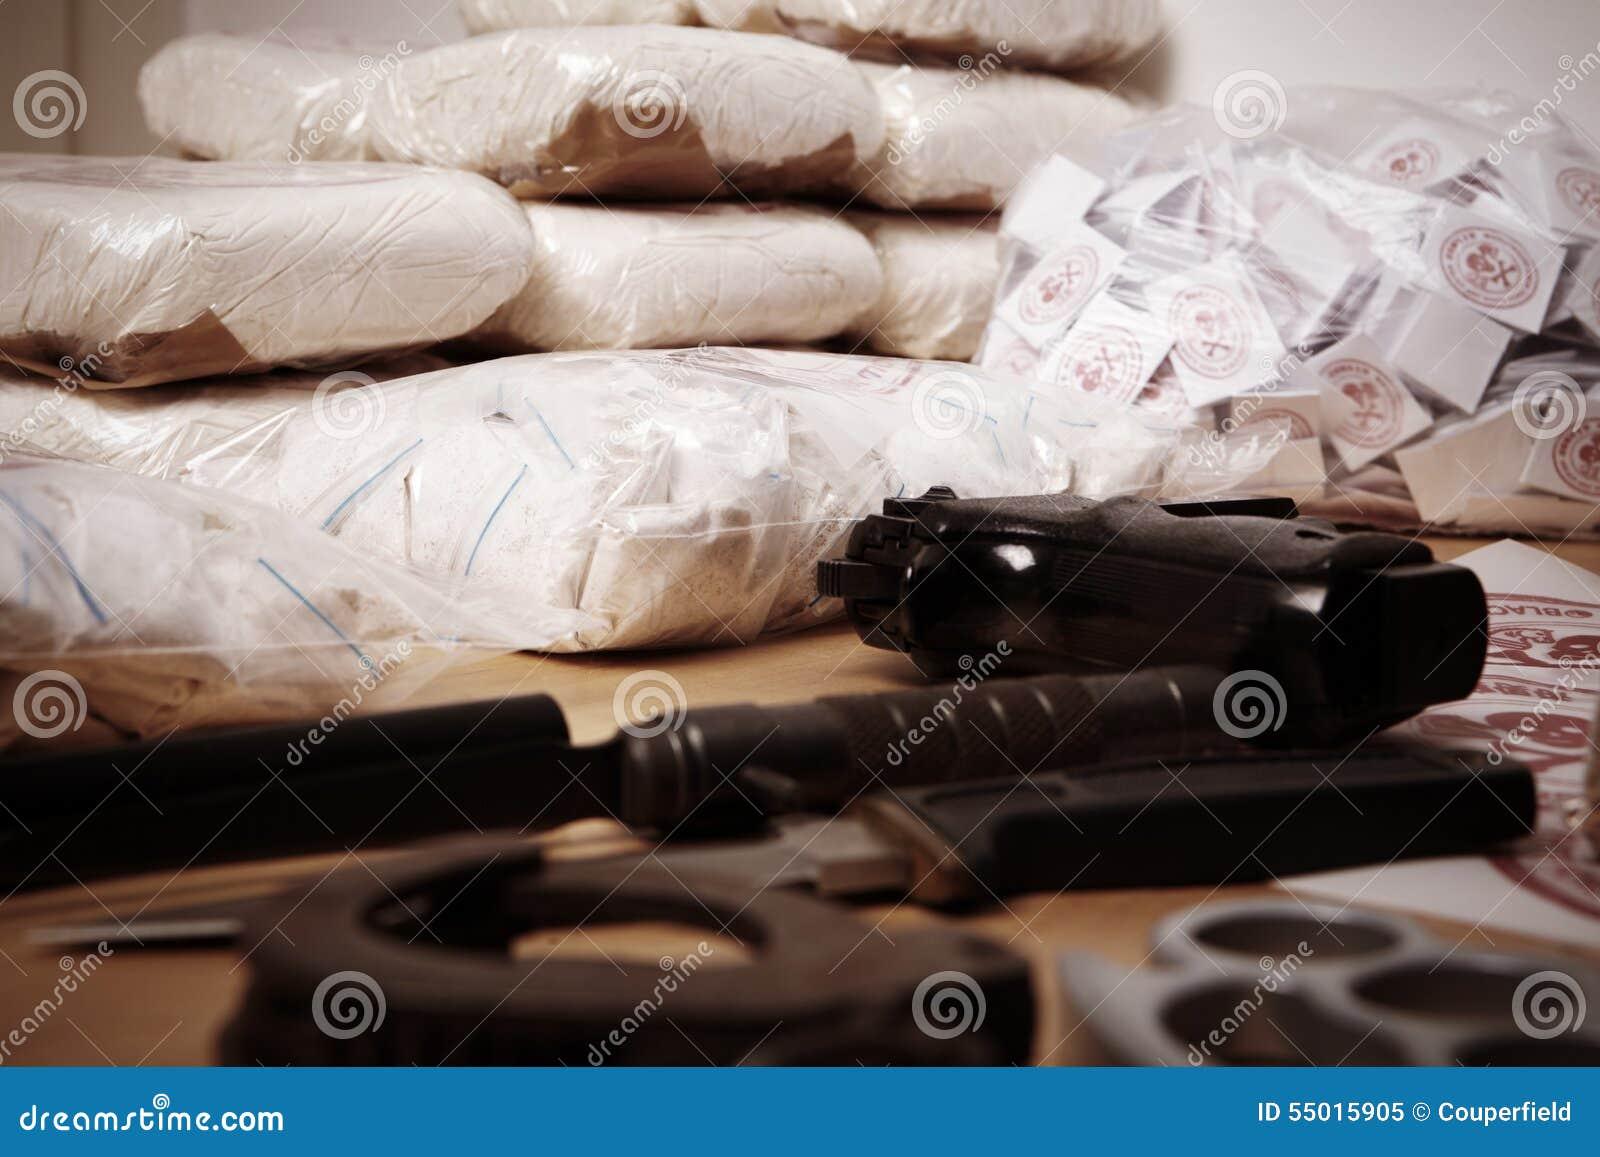 Criminalité de drogue